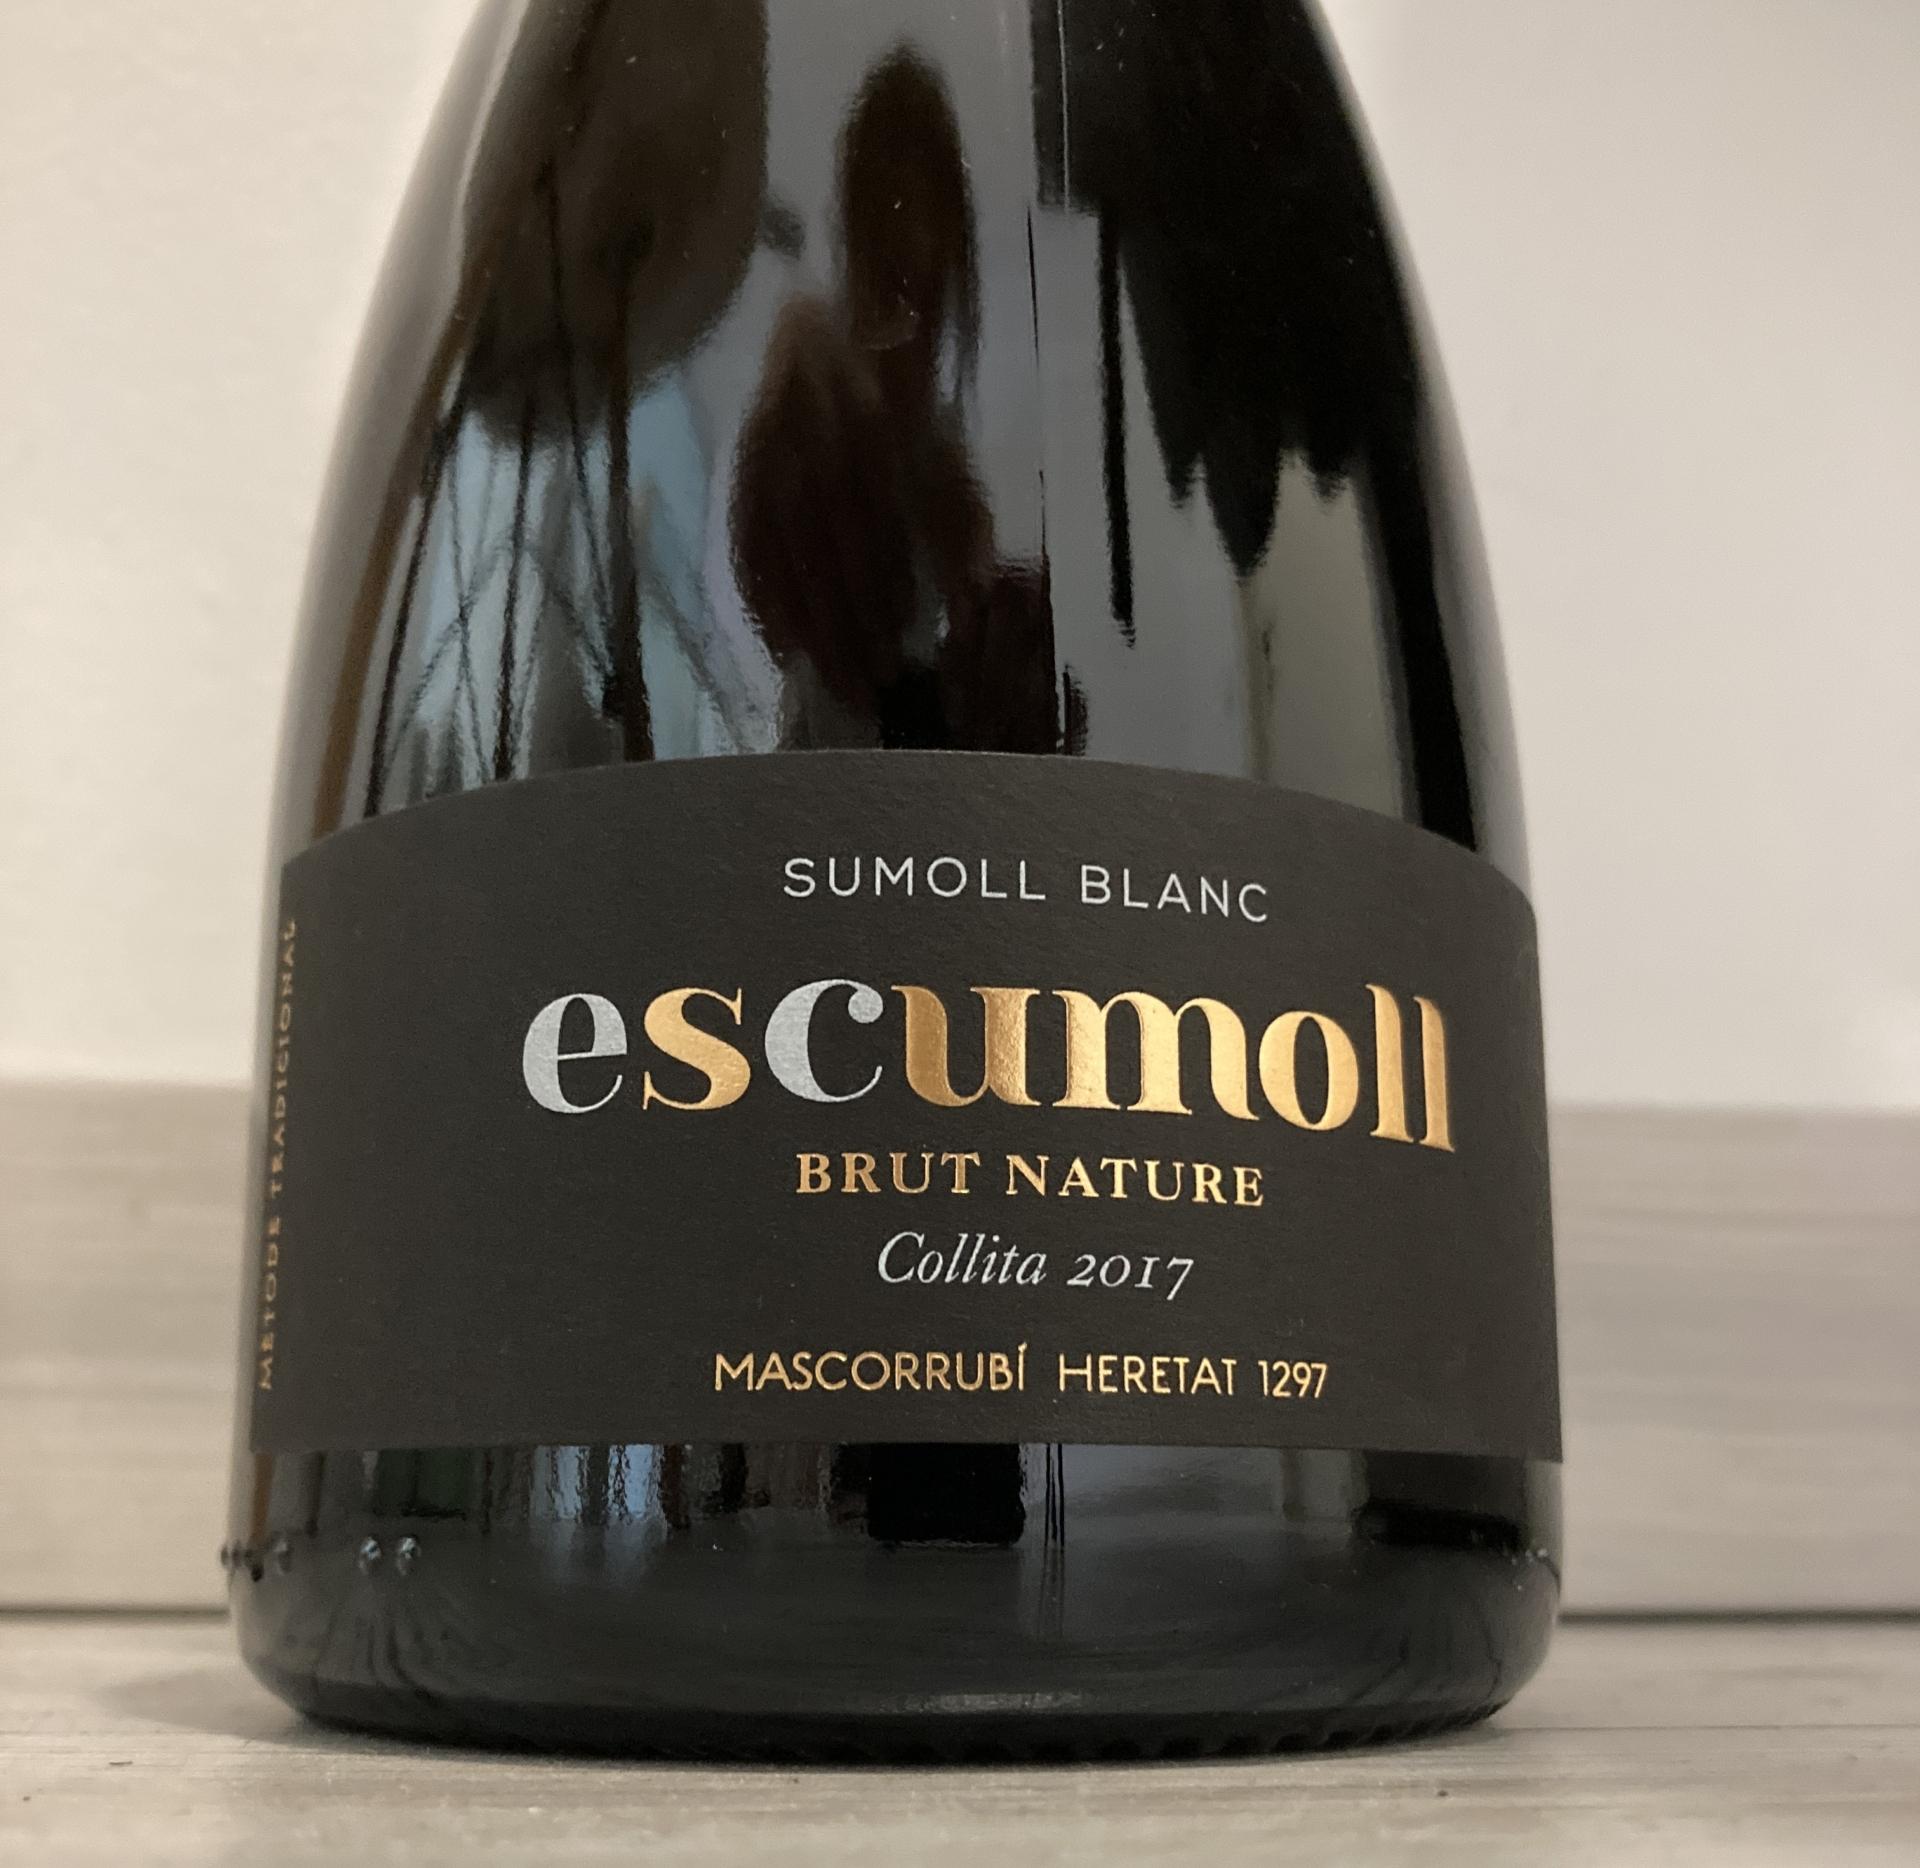 Escumoll, el primer vi escumós de Mascorrubí fet amb la varietat sumoll blanc | E.V.